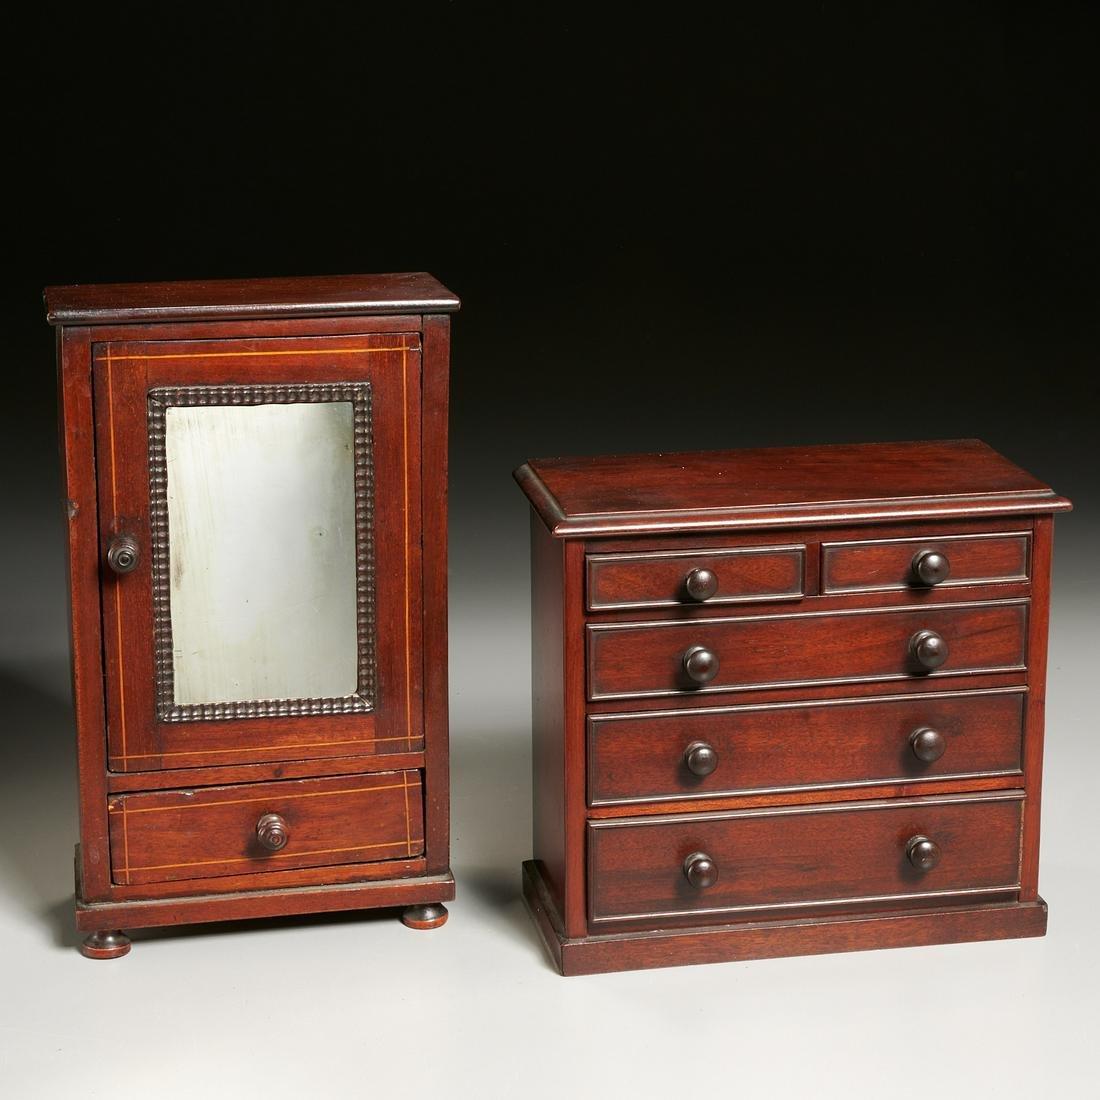 Antique English & American furniture miniatures